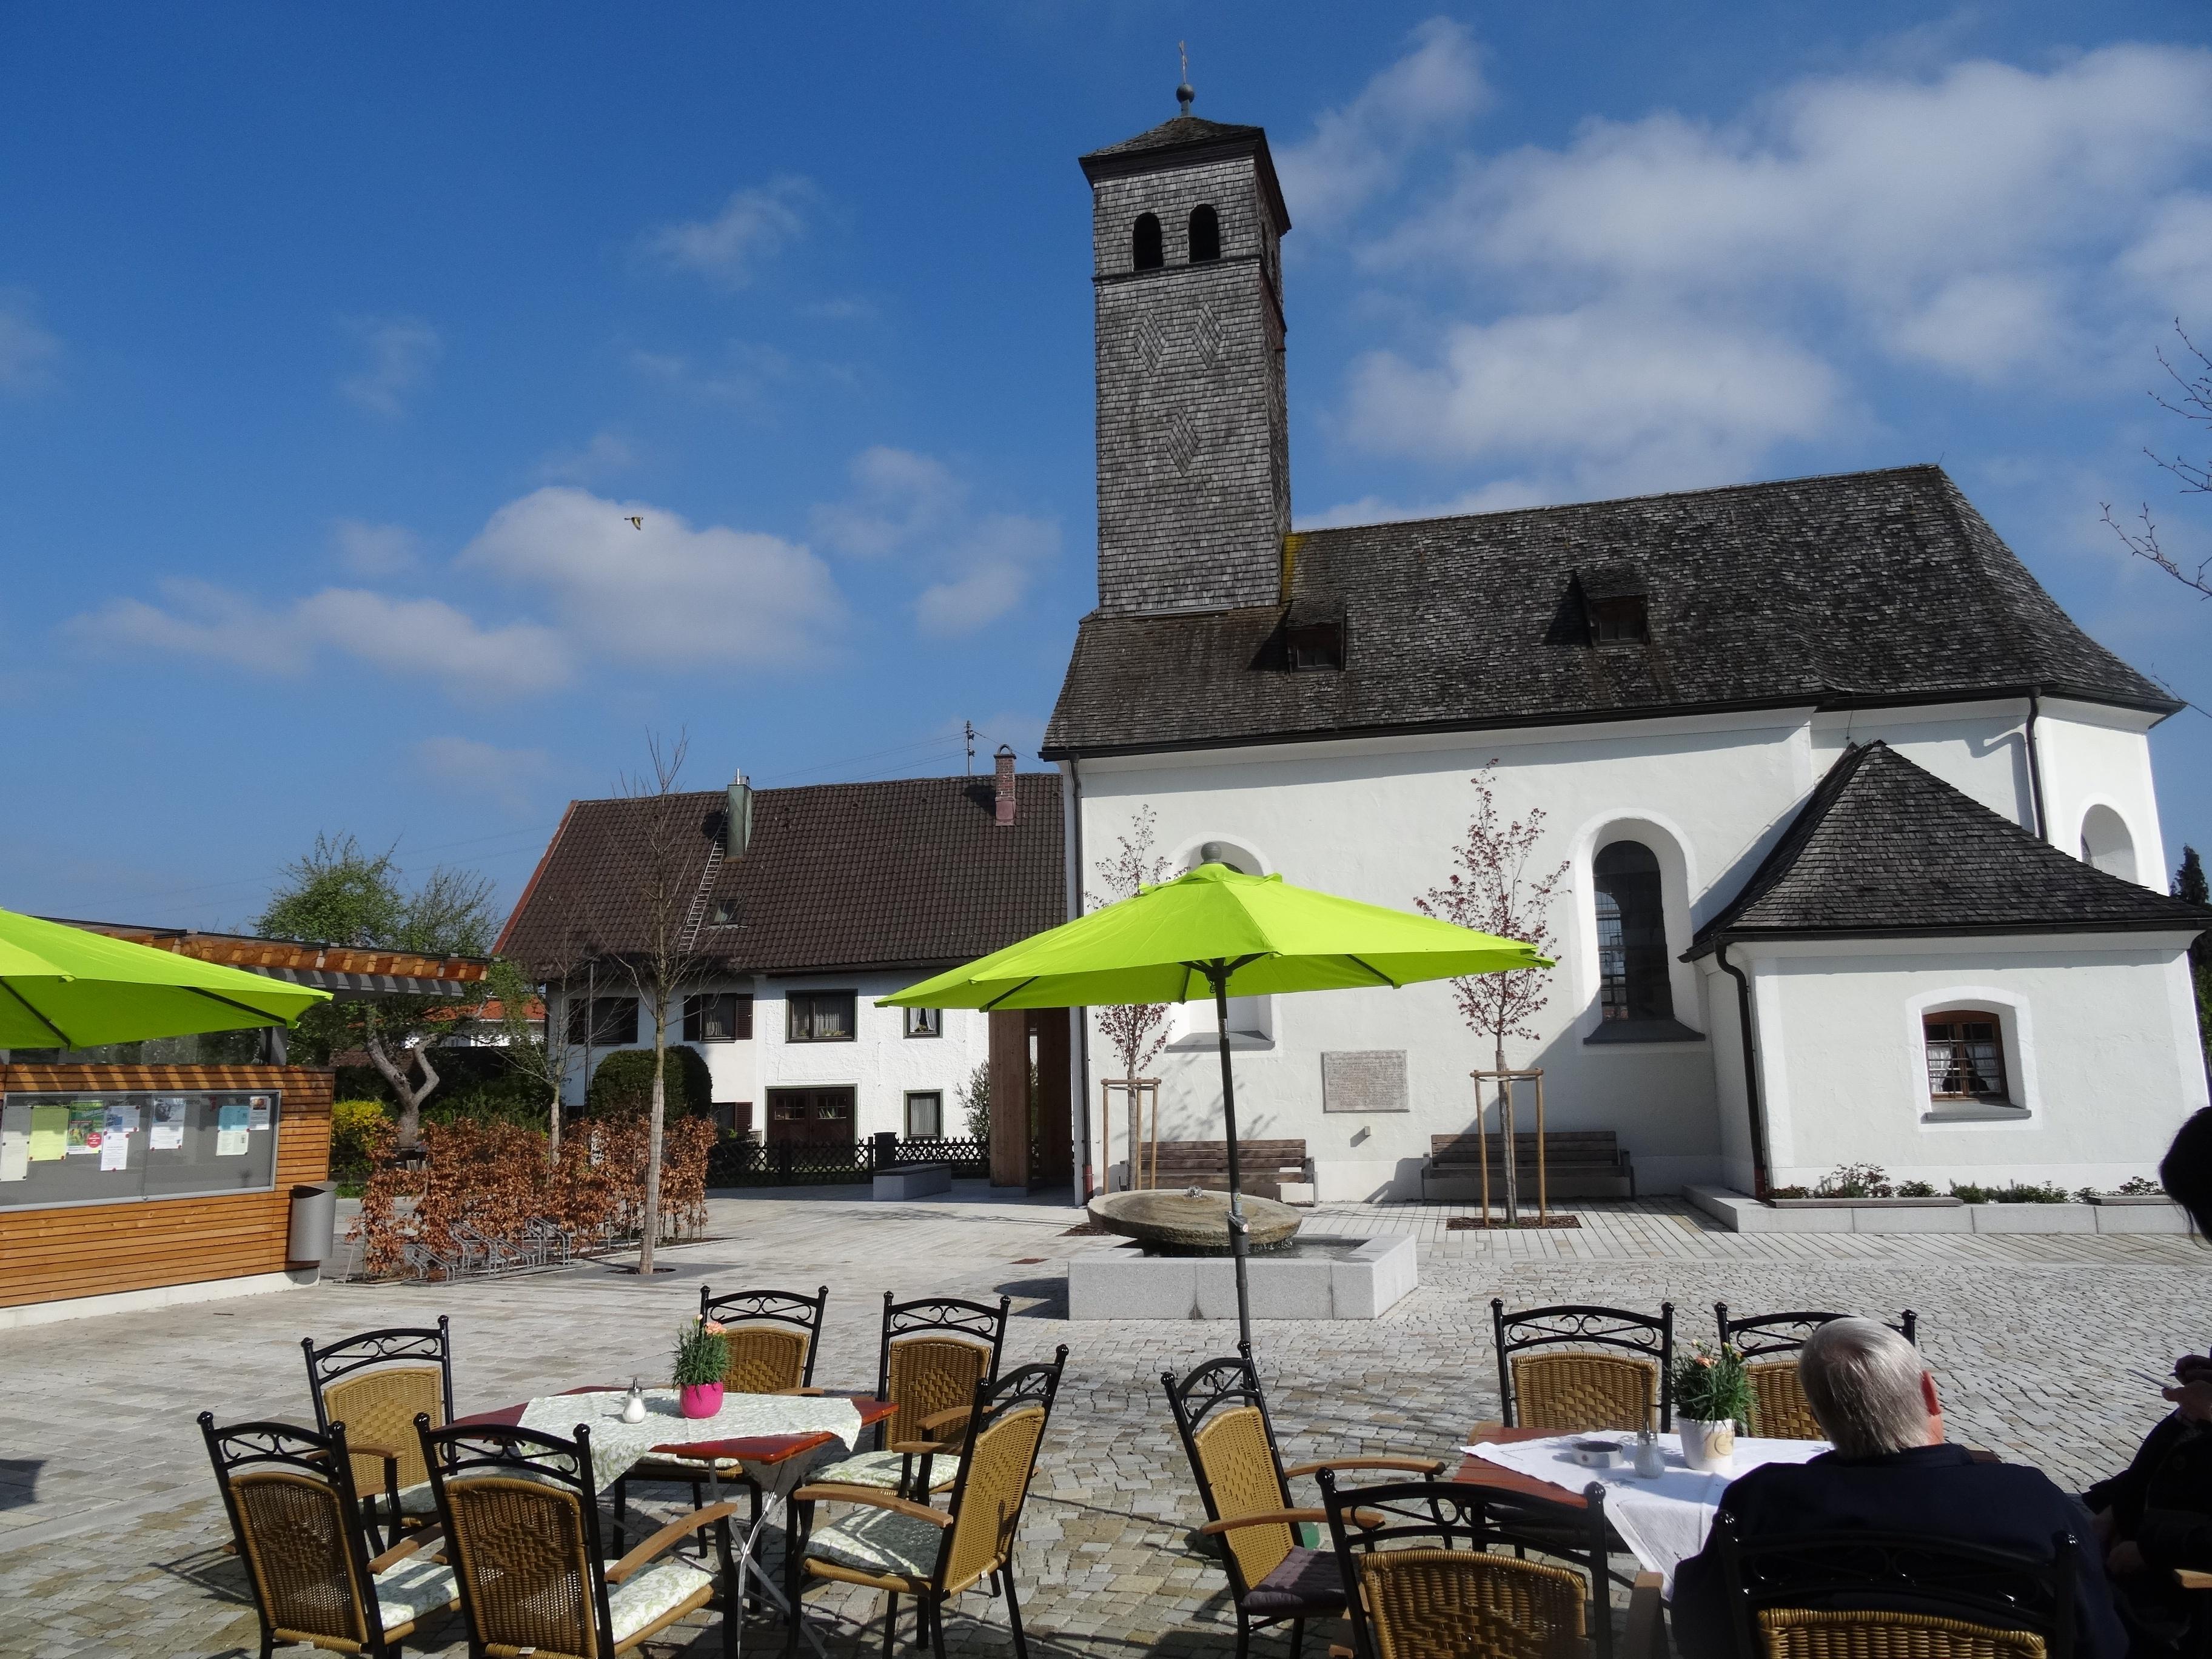 Dorfplatz Mietenkam